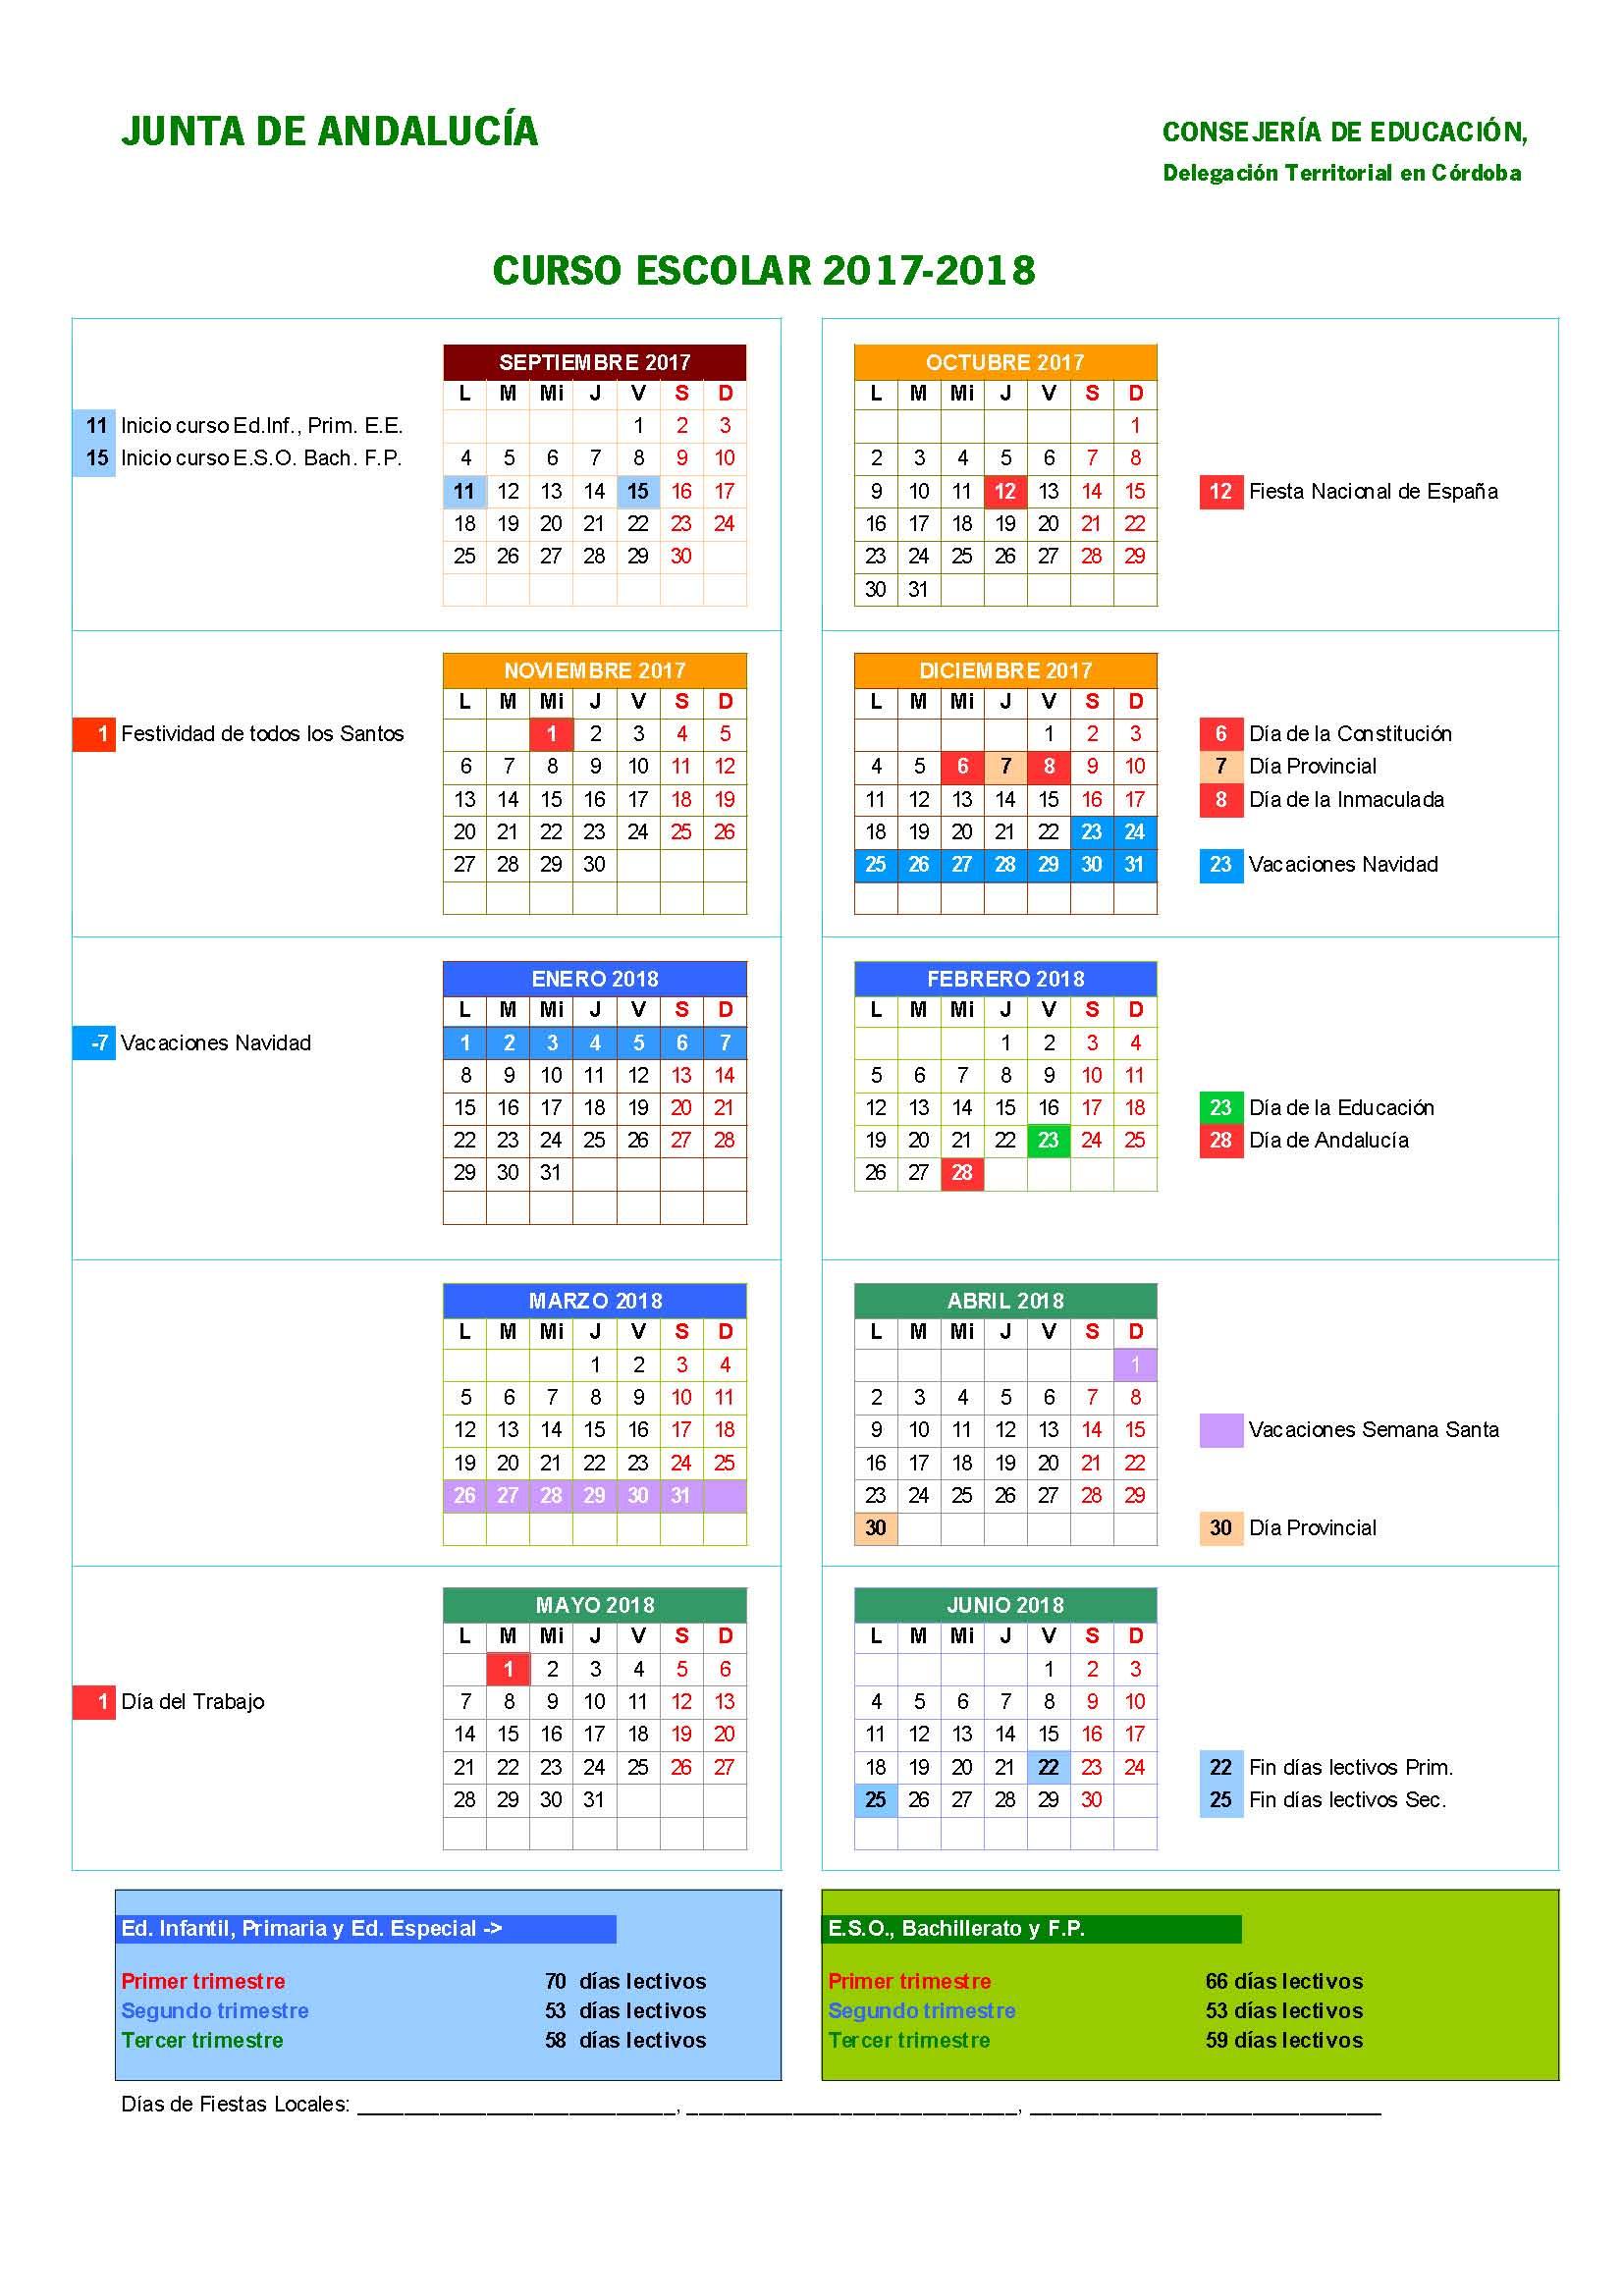 Calendario Escolar Huelva.Calendario Escolar 2017 2018 Fapa Agora Cordoba